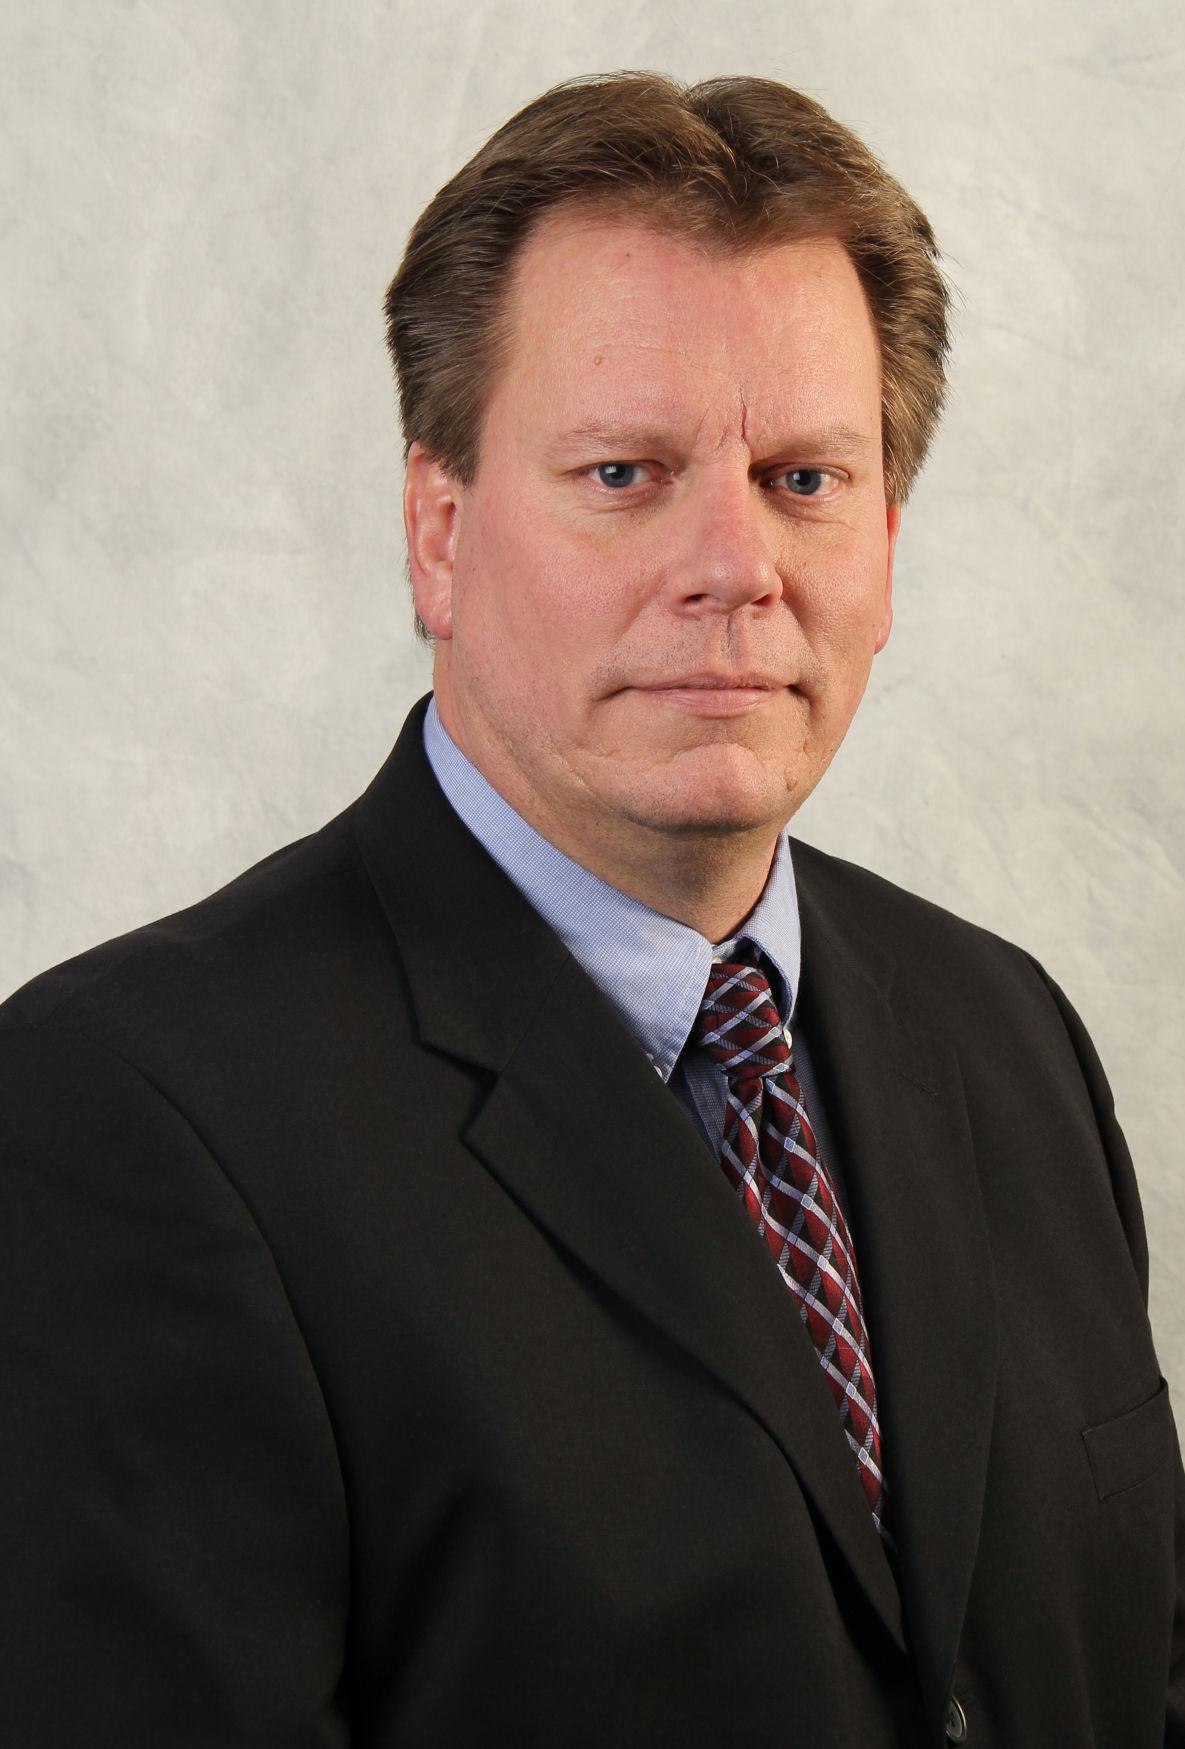 Randy Gloede